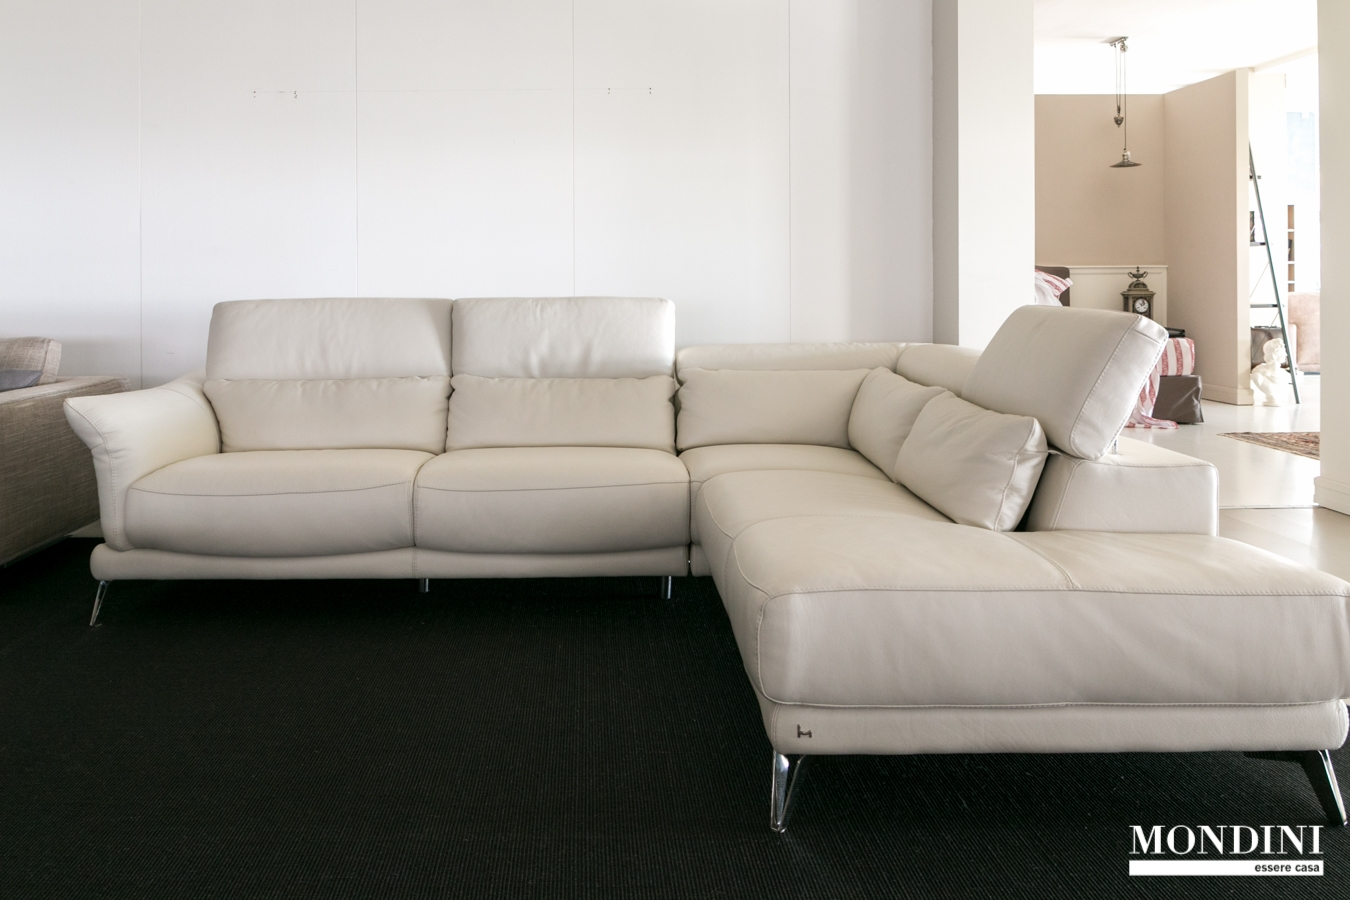 Divano ad angolo modello giotto di nicoletti scontato del 50 divani a prezzi scontati - Divano ad angolo prezzi ...